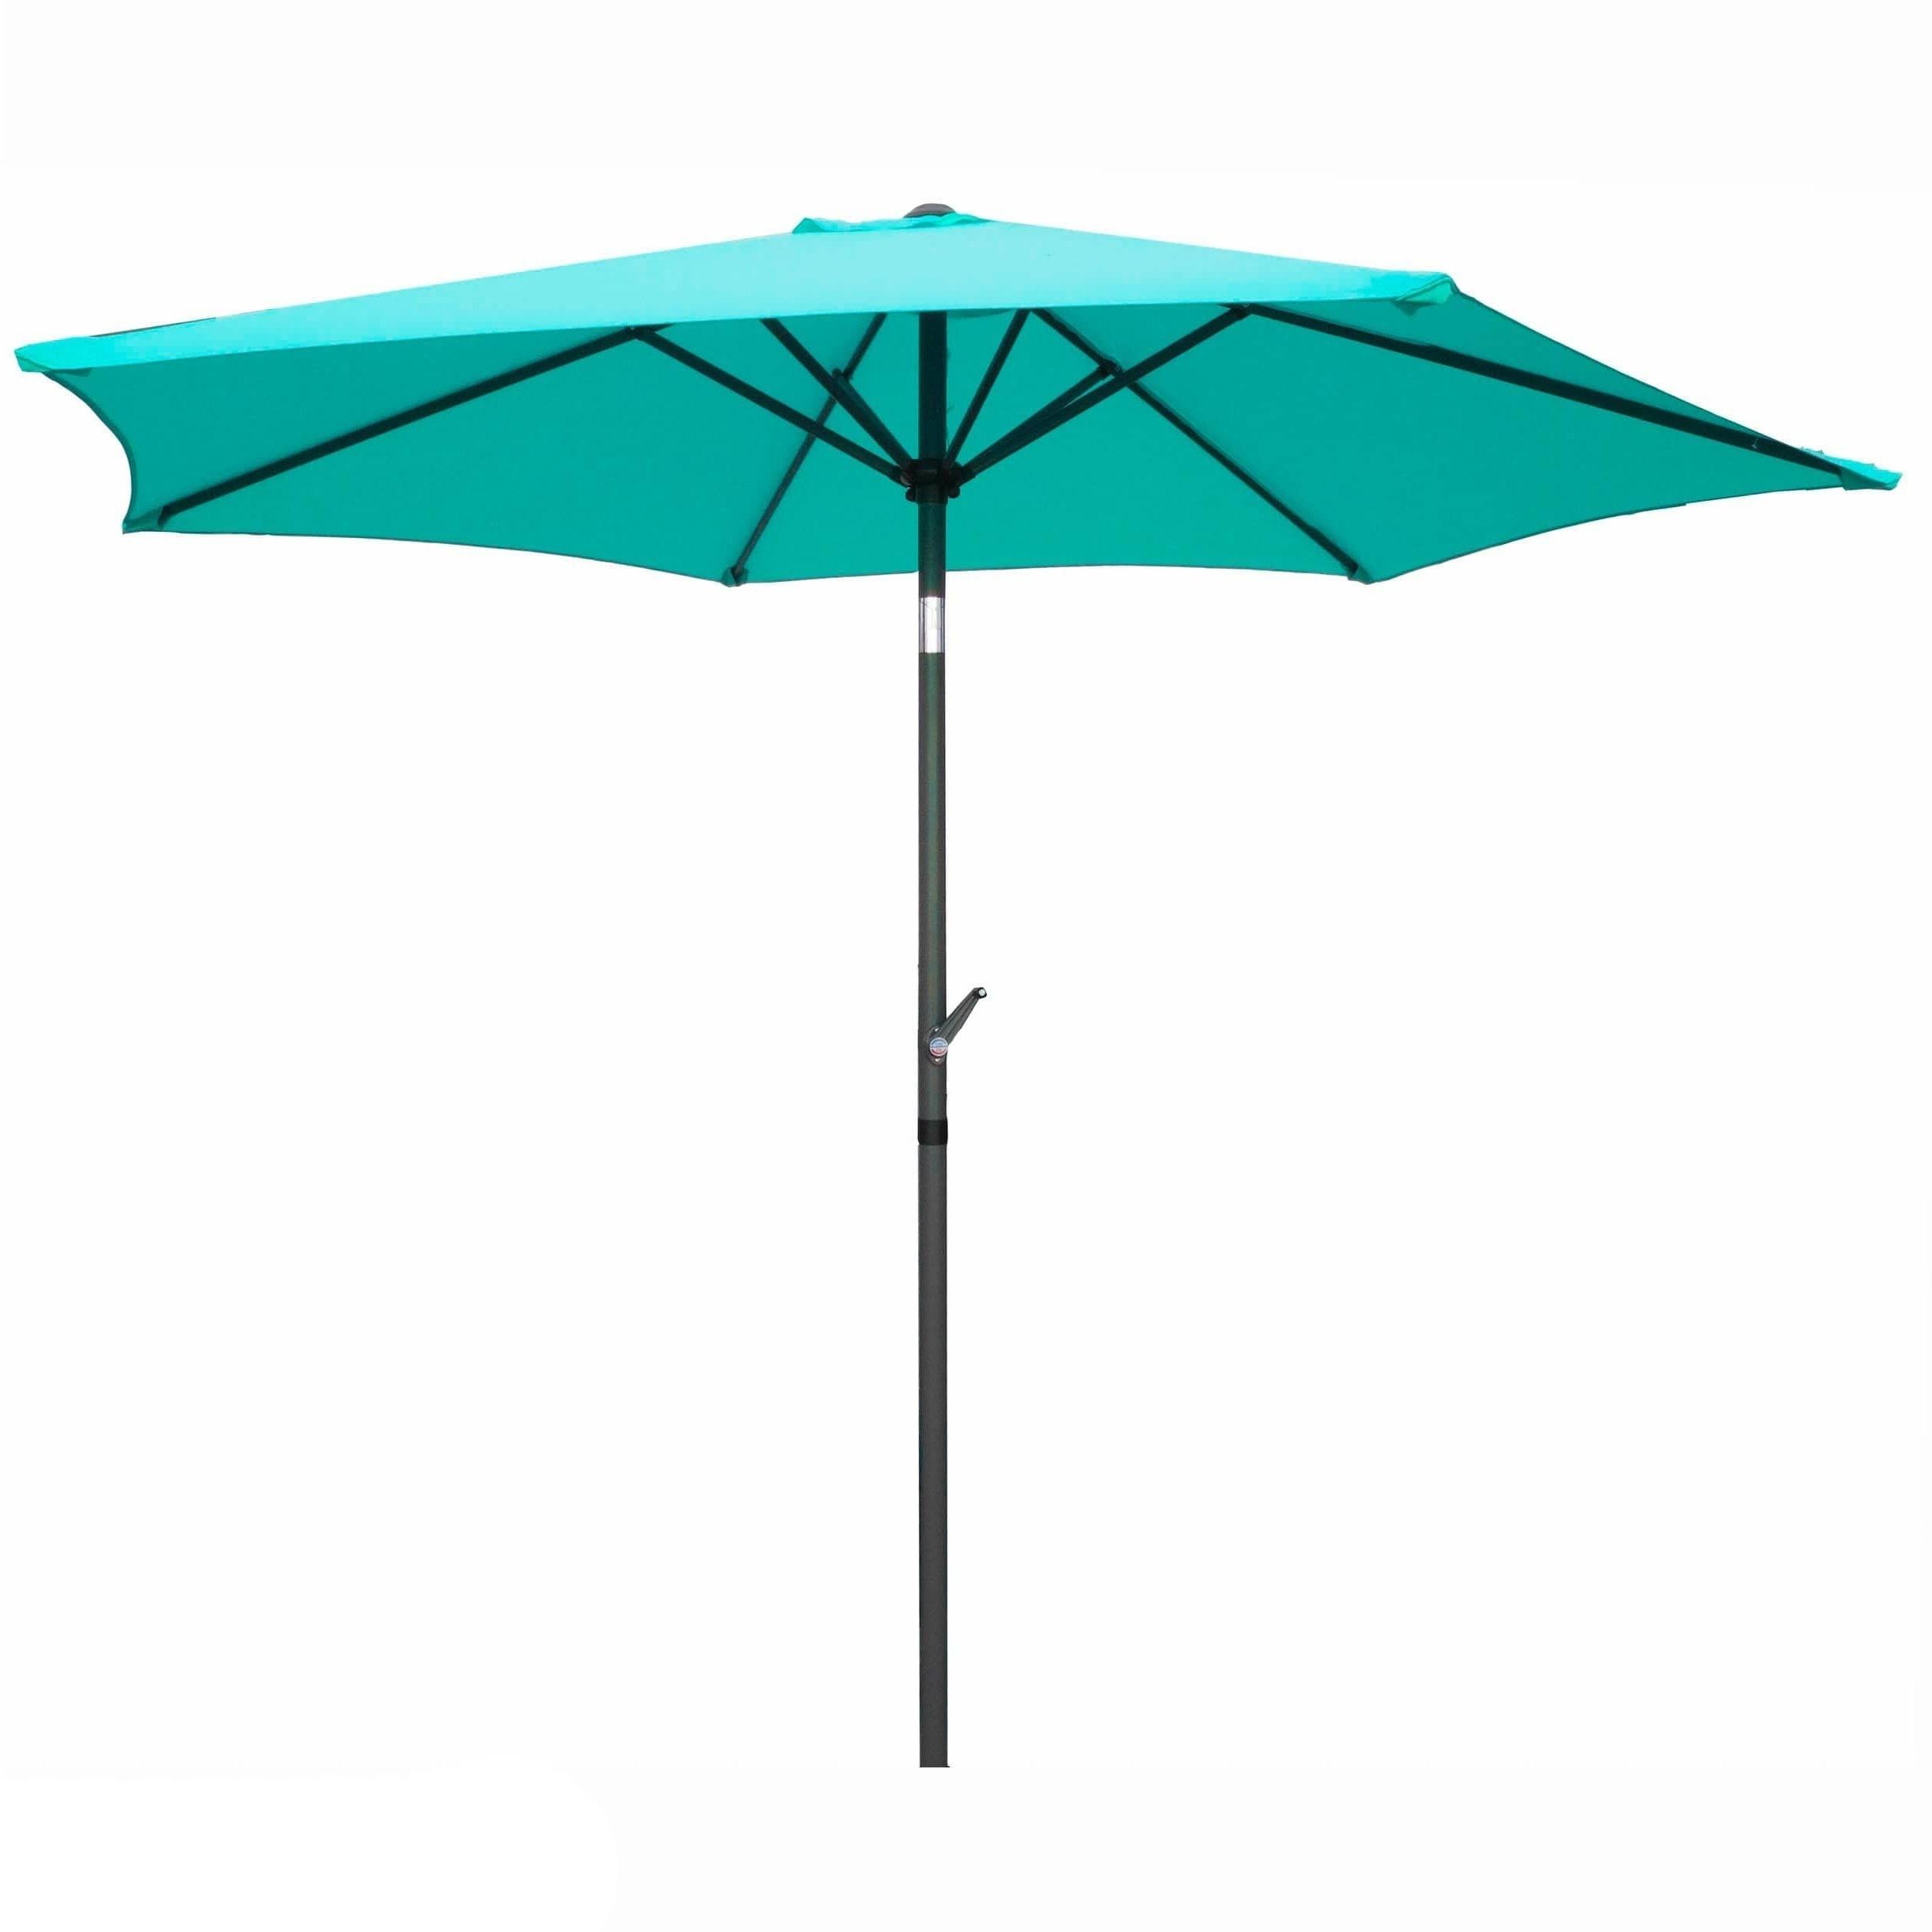 Yescom Patio Umbrellas In Most Current Patio Umbrella 8 Foot (Terra Cotta), Orange #yf 1104/ (View 14 of 20)